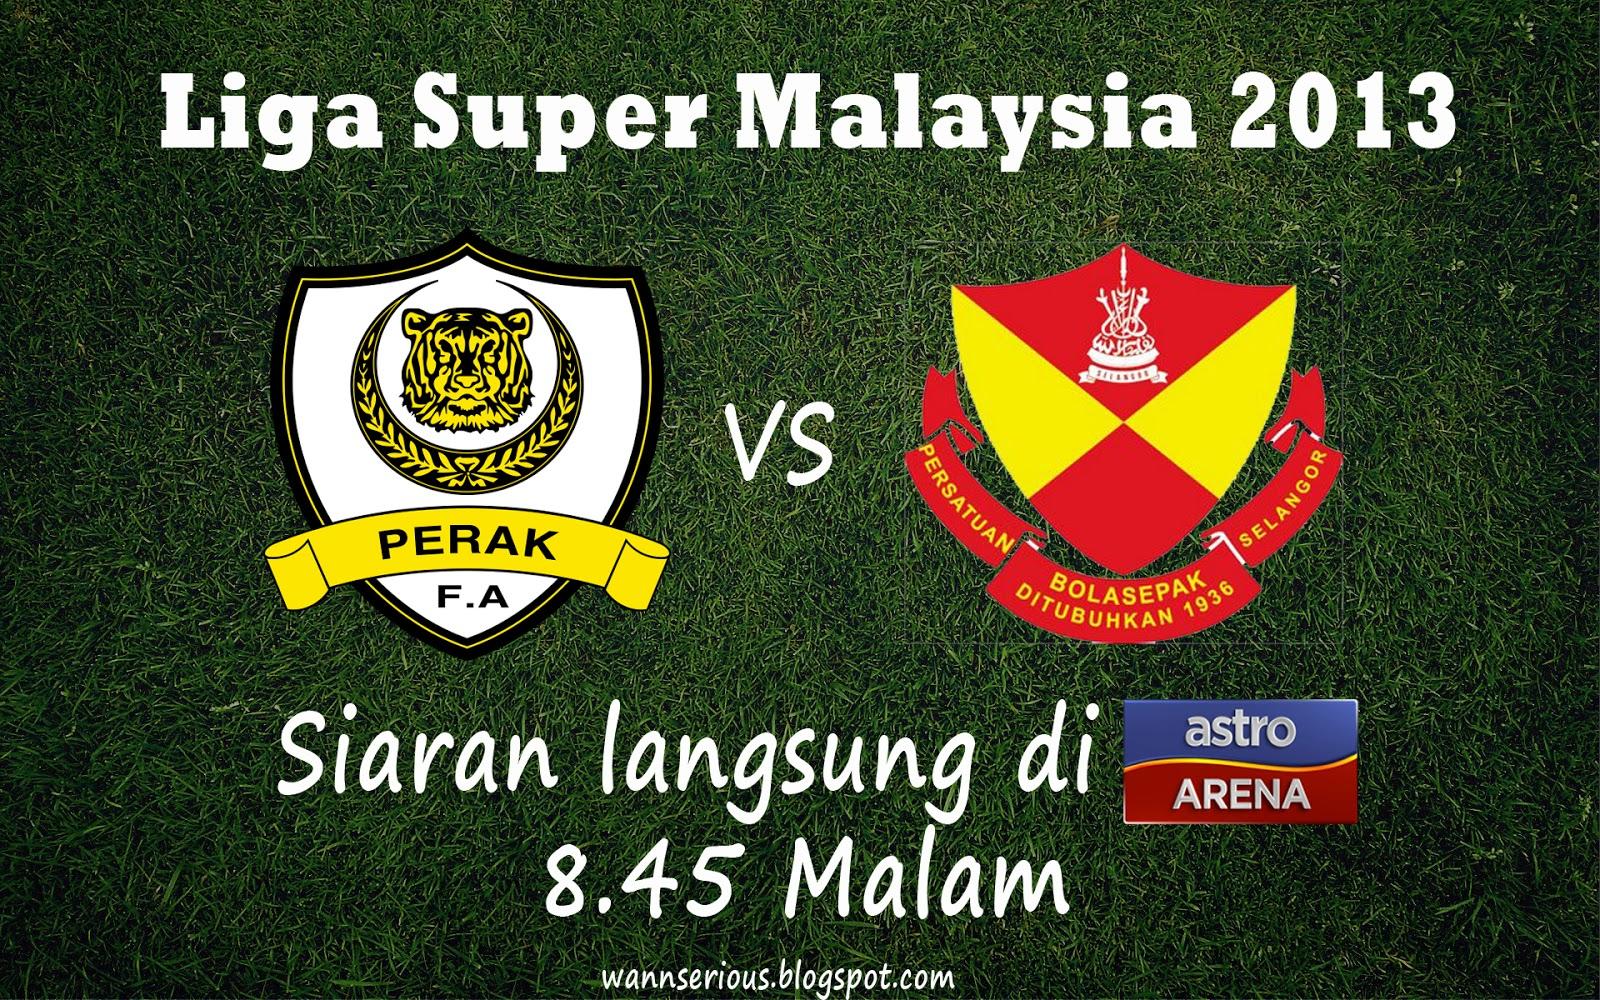 Live Streaming Perak Vs Selangor, 22 Januari 2013, Siaran Langsung